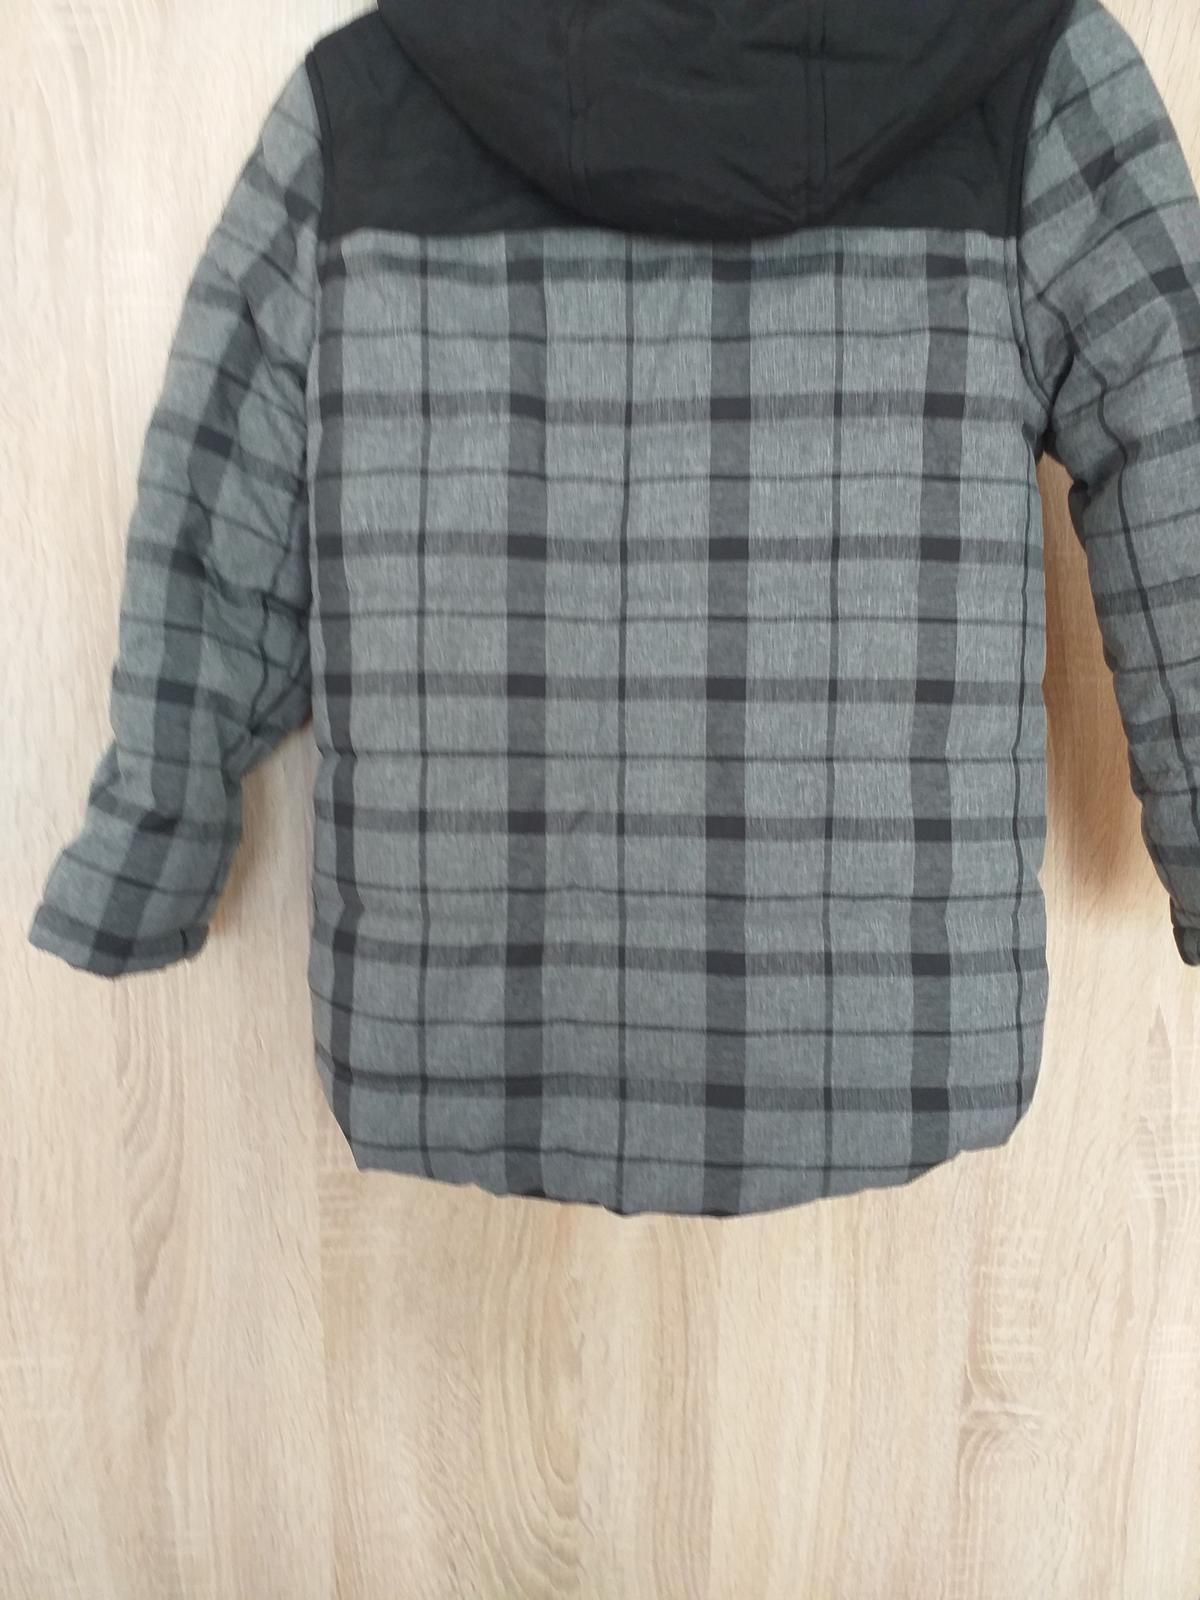 zimní bunda dětská - Obrázek č. 1